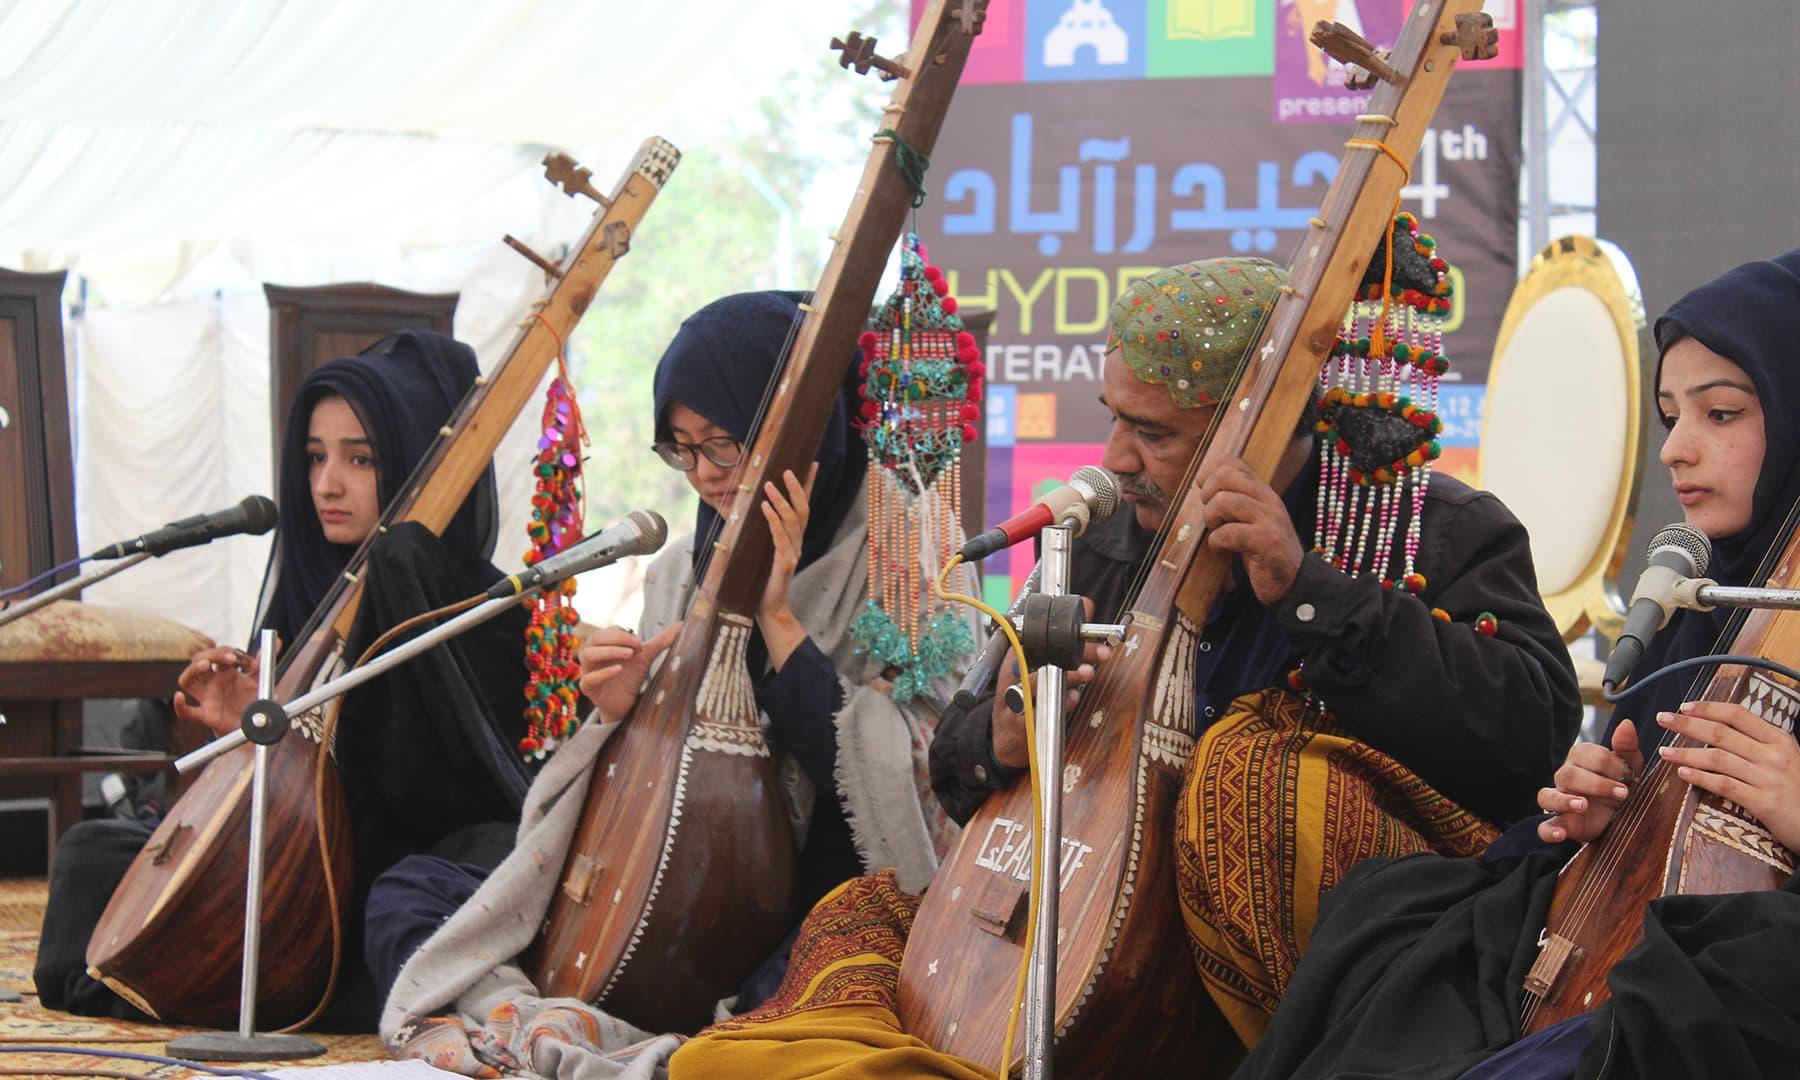 ادبی میلہ کا آغاز شاہ عبداللطیف بھٹائی کے کلام سے کیا گیا جو شاہ کی خواتین فقیروں نے پیش کیا